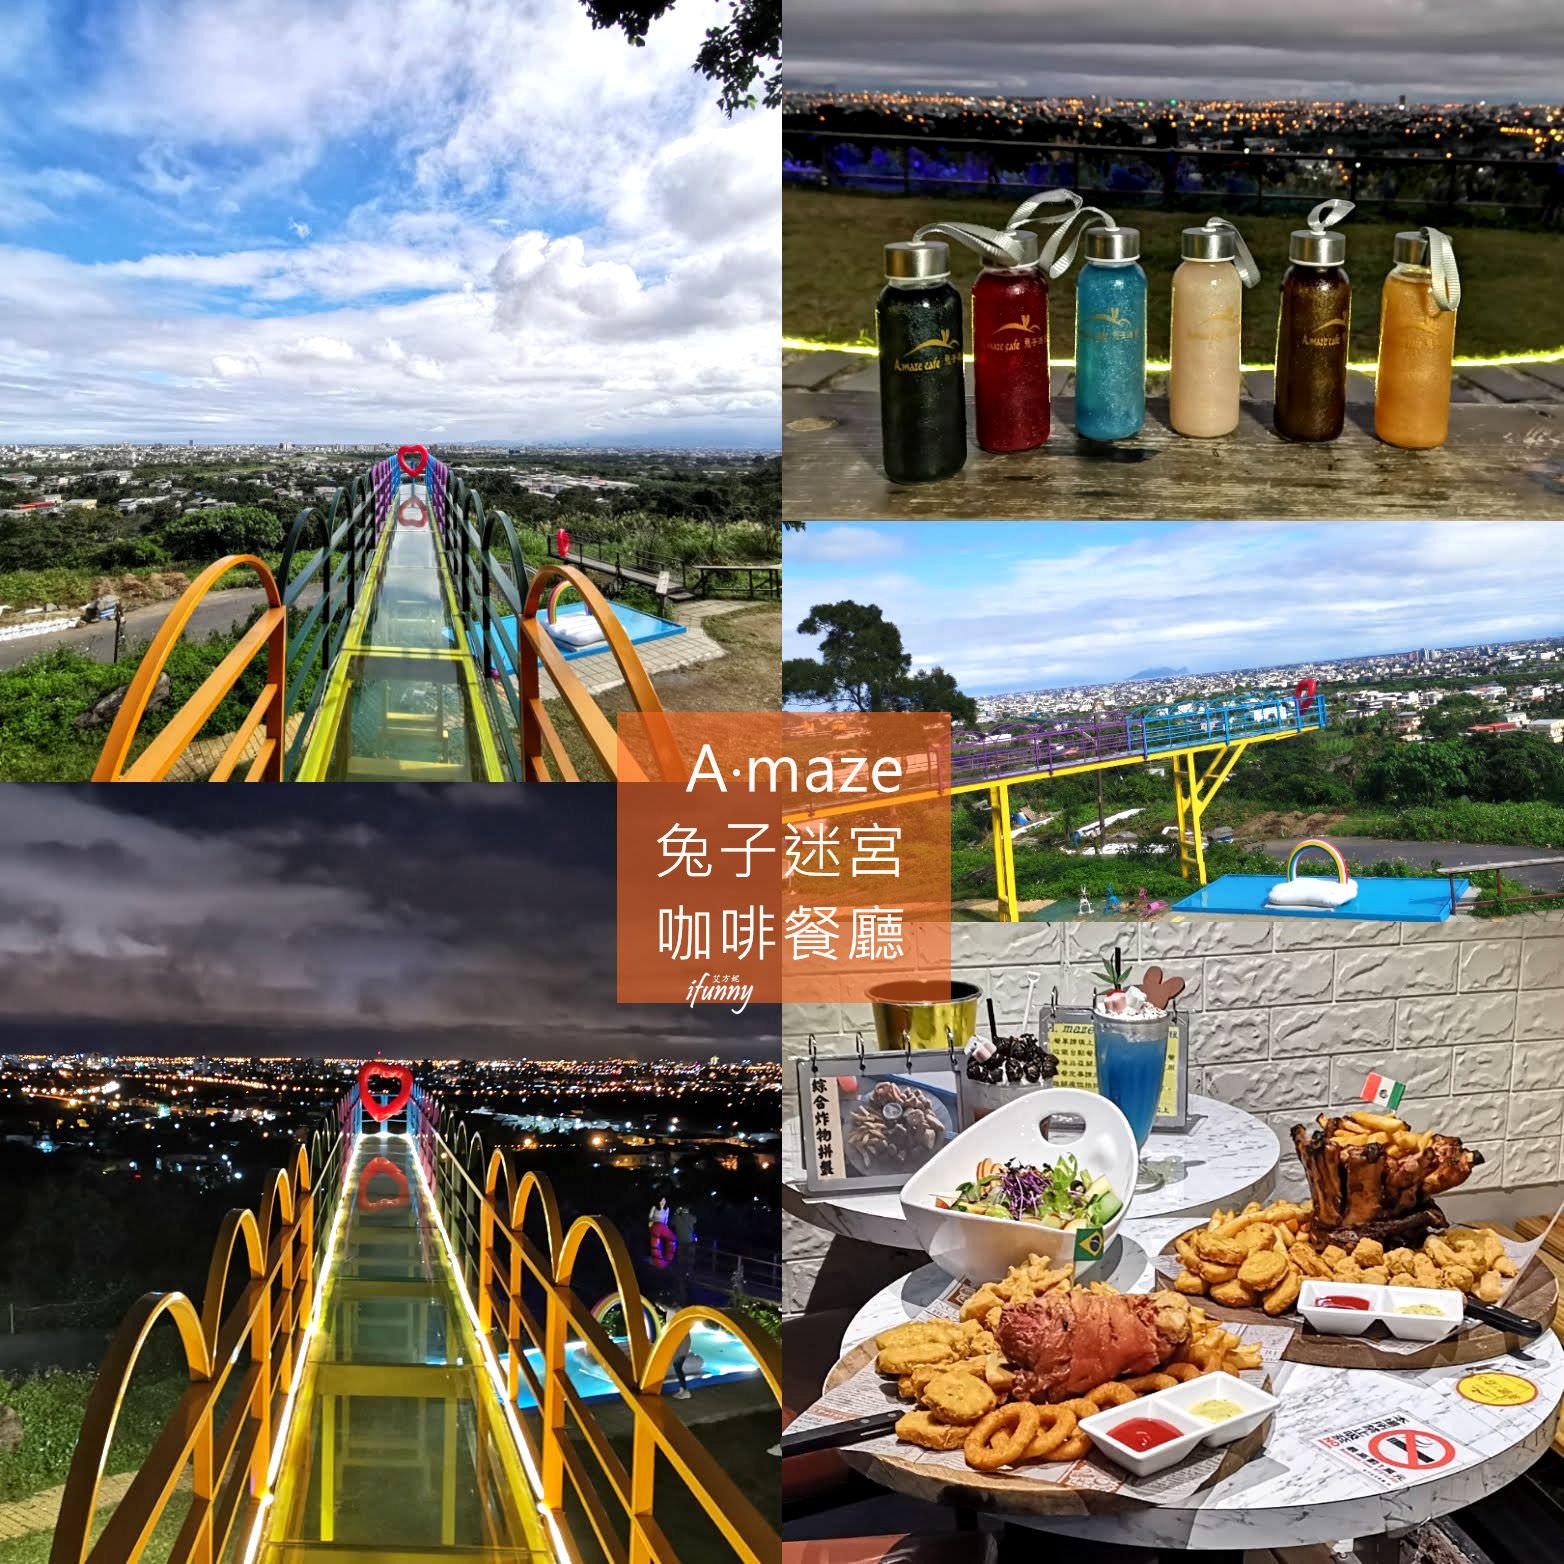 [宜蘭]A‧maze兔子迷宮咖啡餐廳~最美天空步道/最佳觀賞龜山島點/適合放空發呆一整天